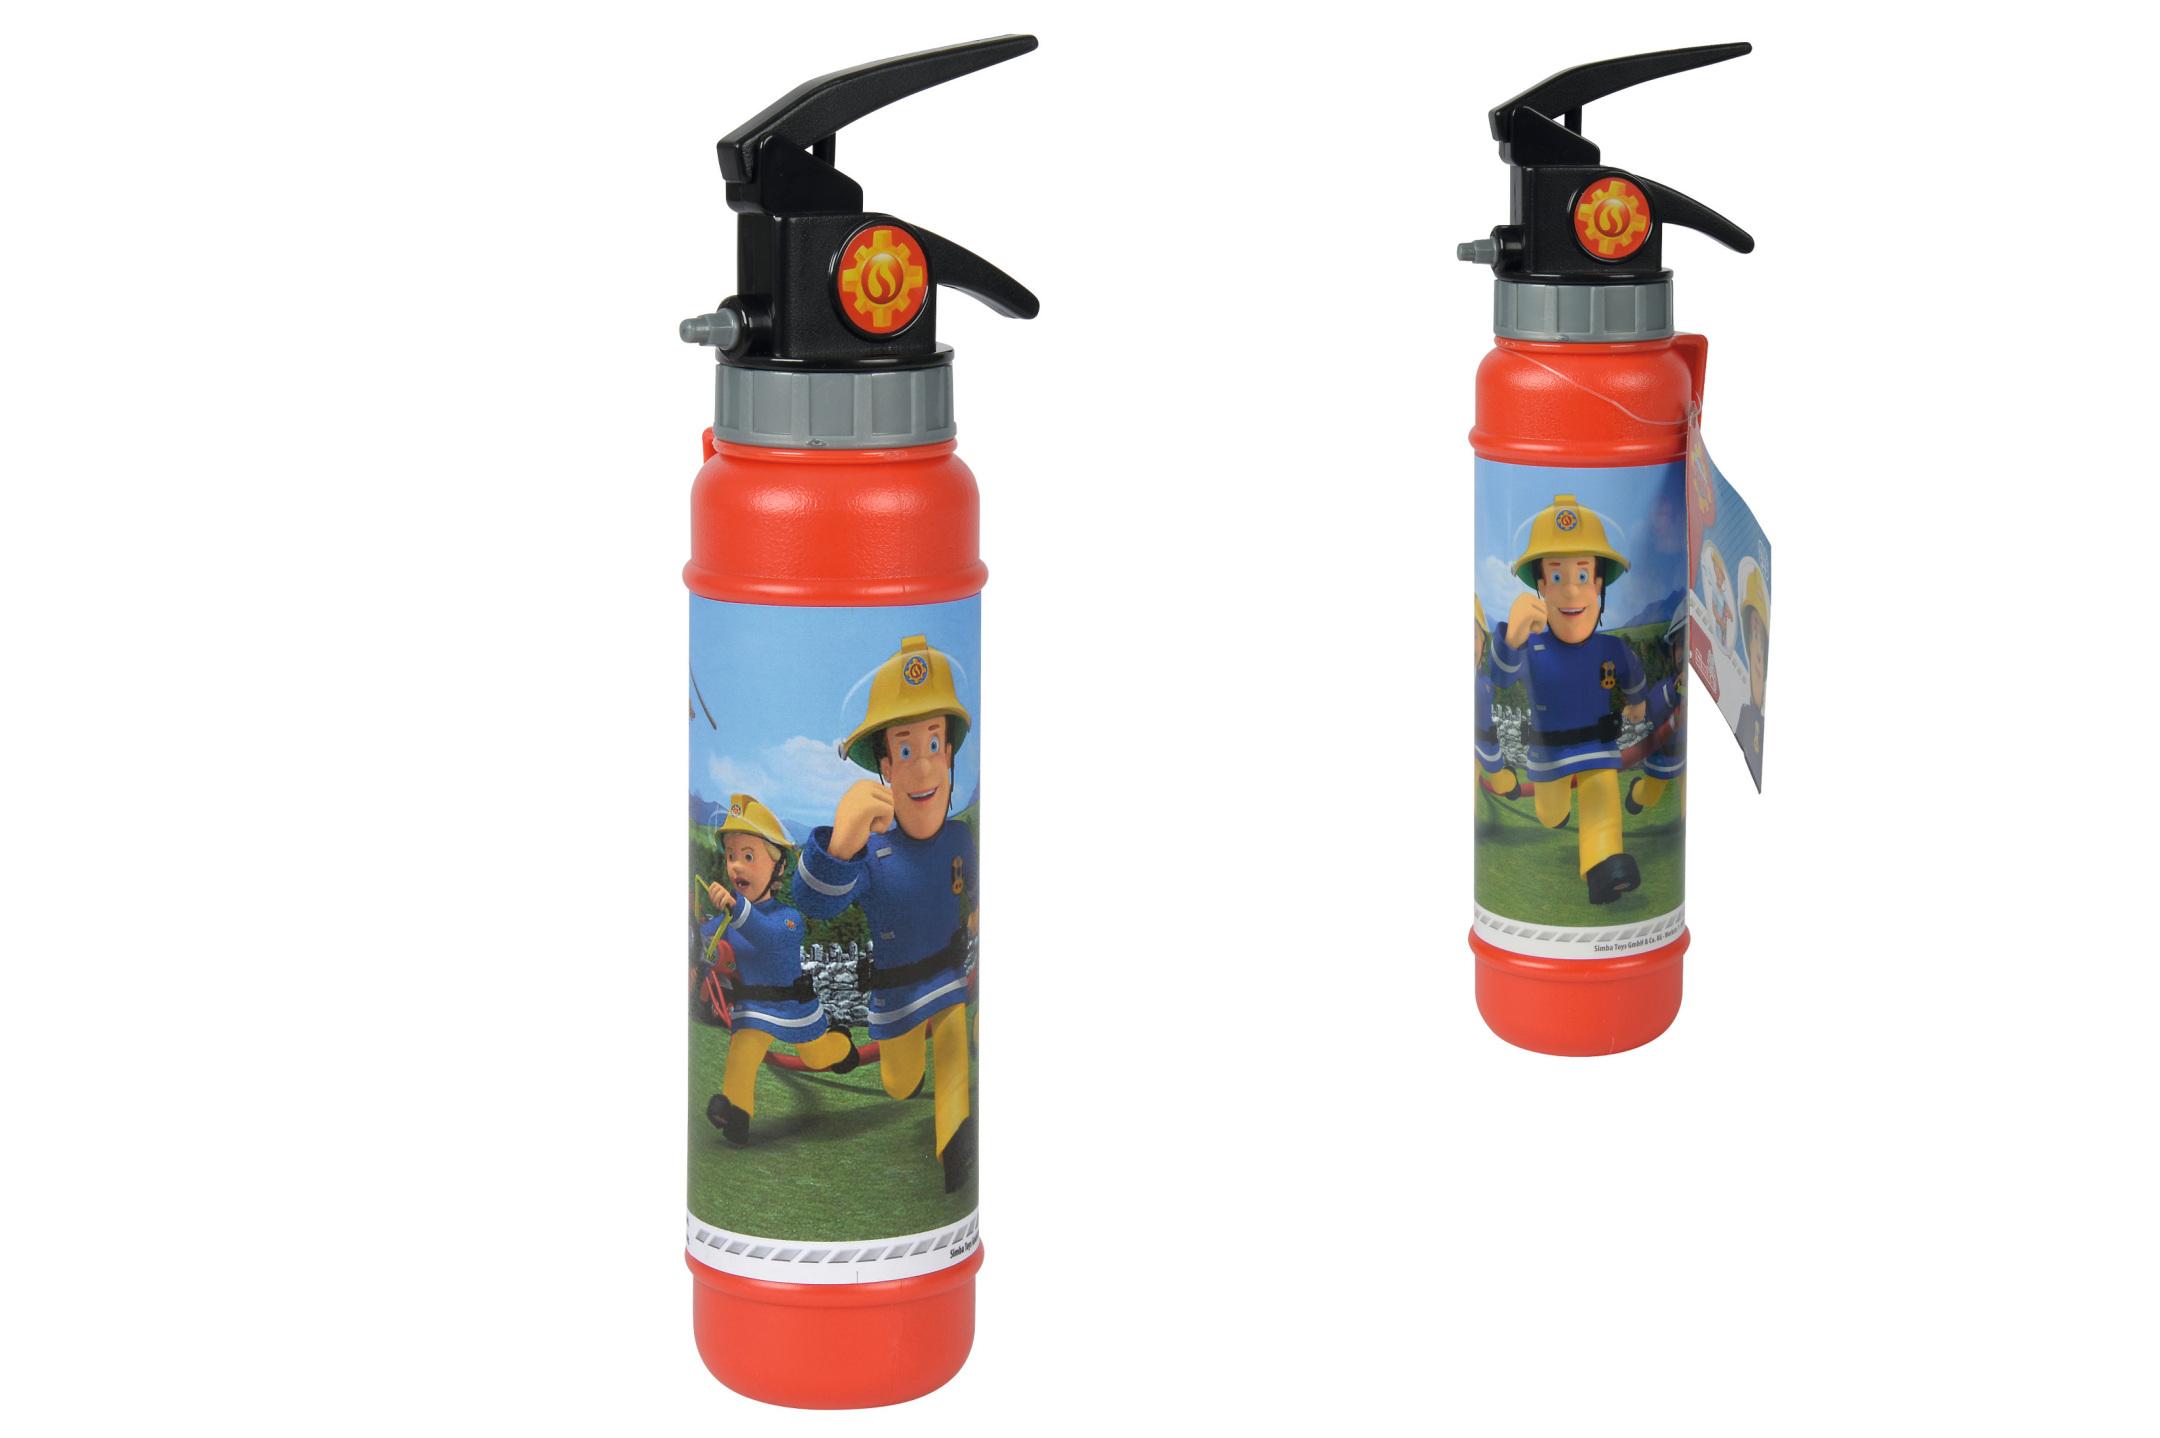 Fireman Sam Feuerlöscher Wasserspritzer